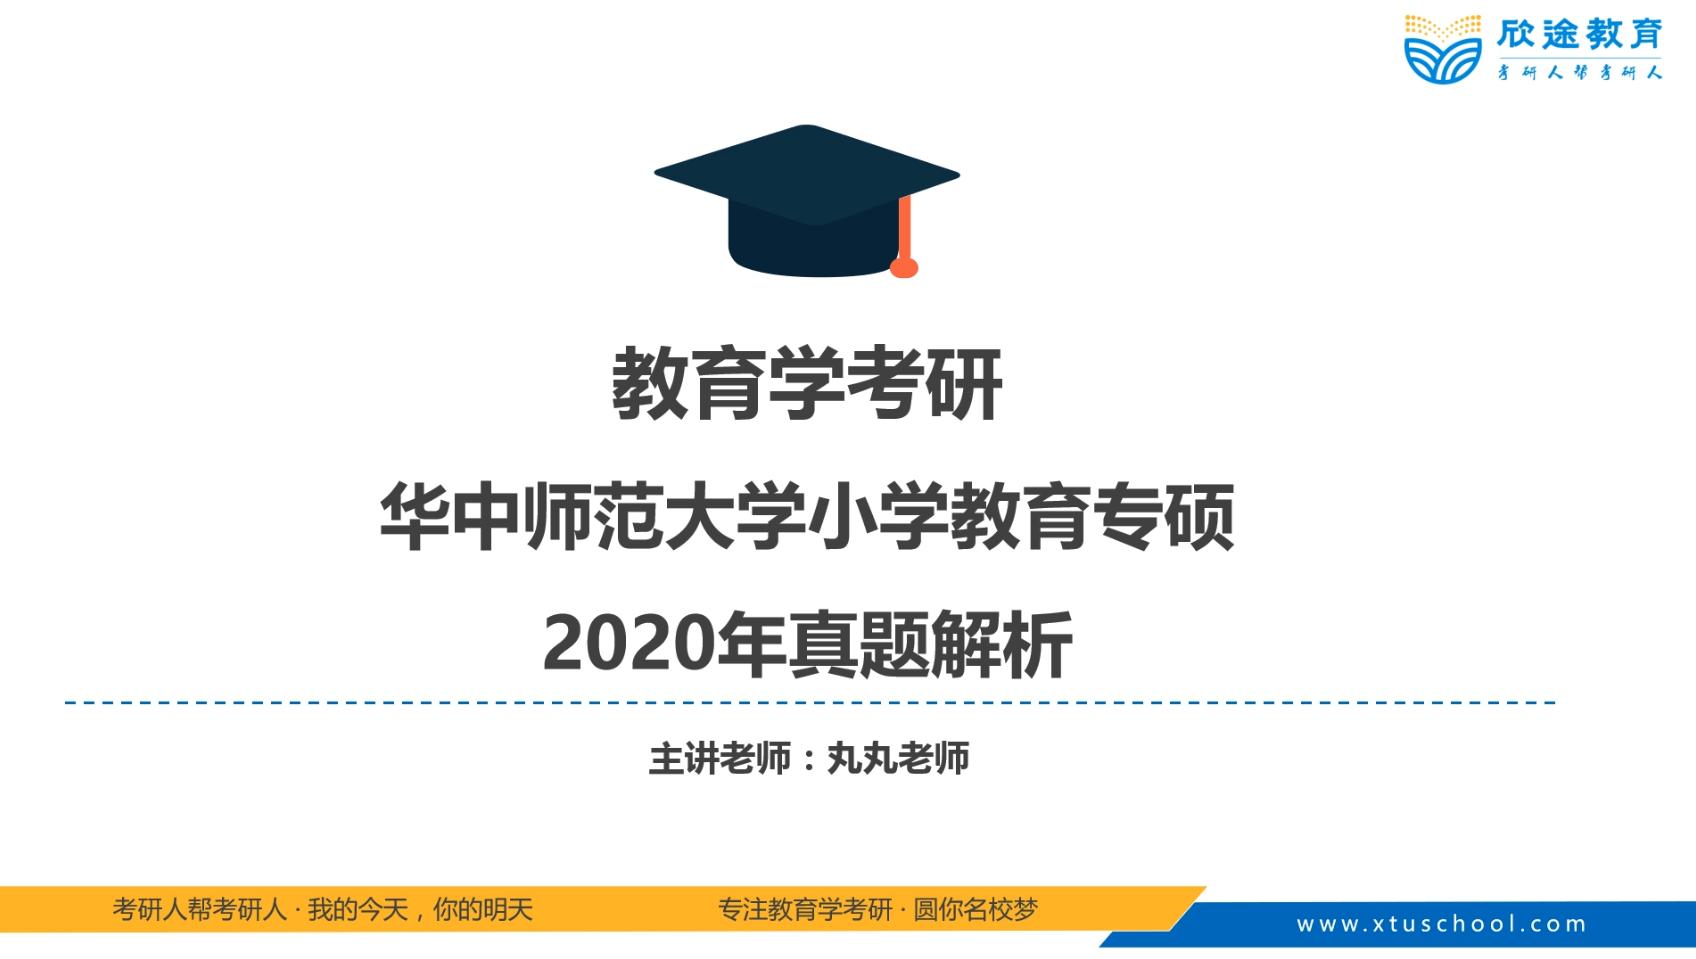 【2021教育学考研】华中师范大学(小学教育)冲刺真题解析试听课